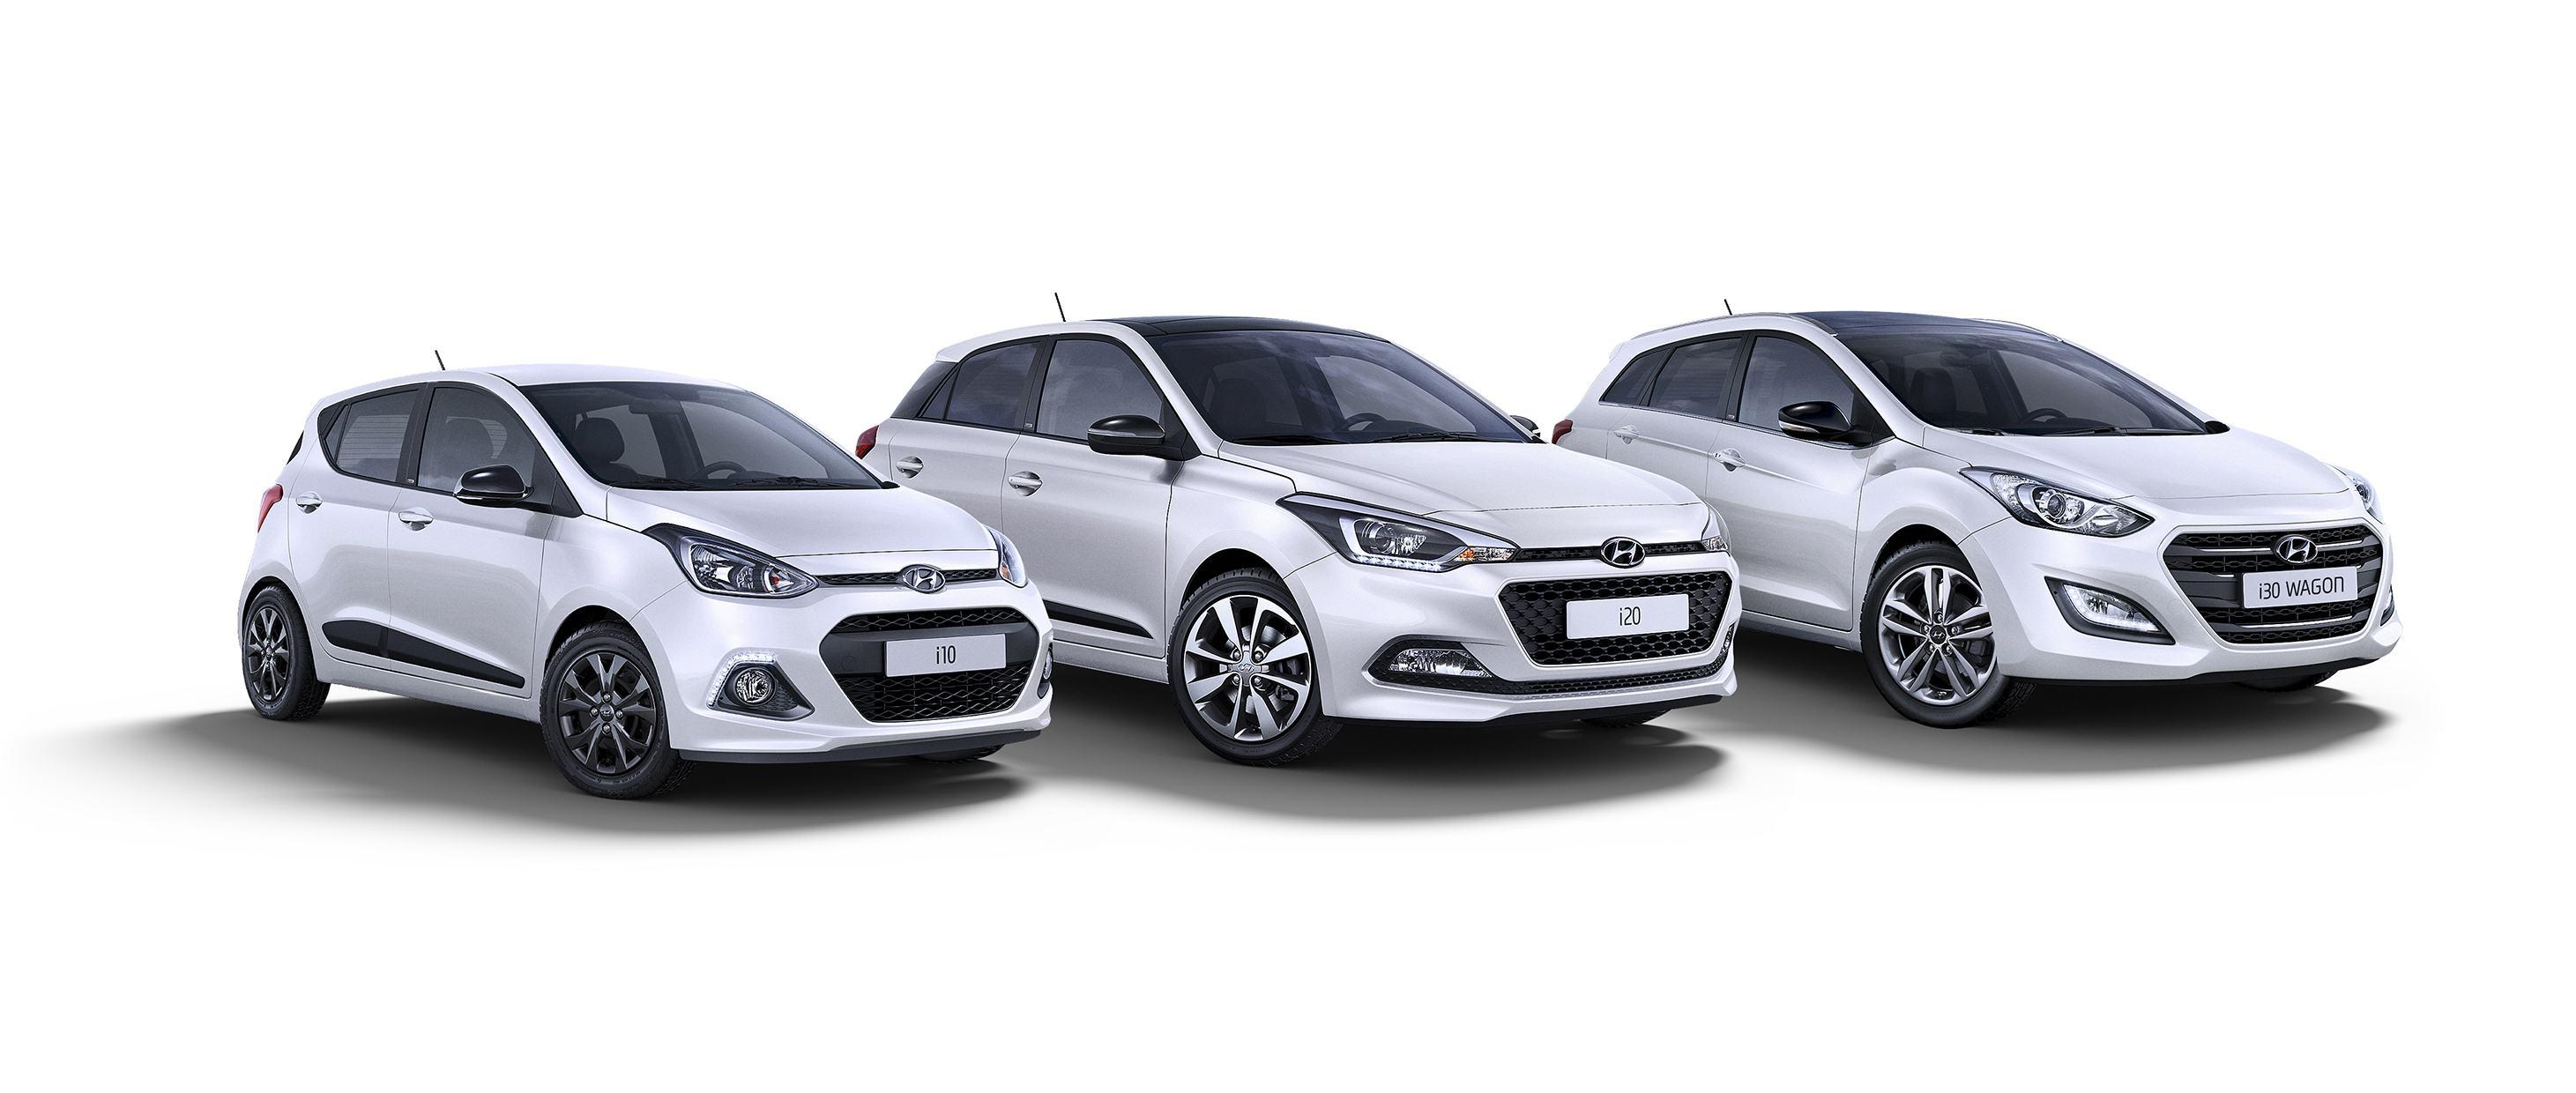 Hyundai i10, Hyundai i20 ve Hyundai i30